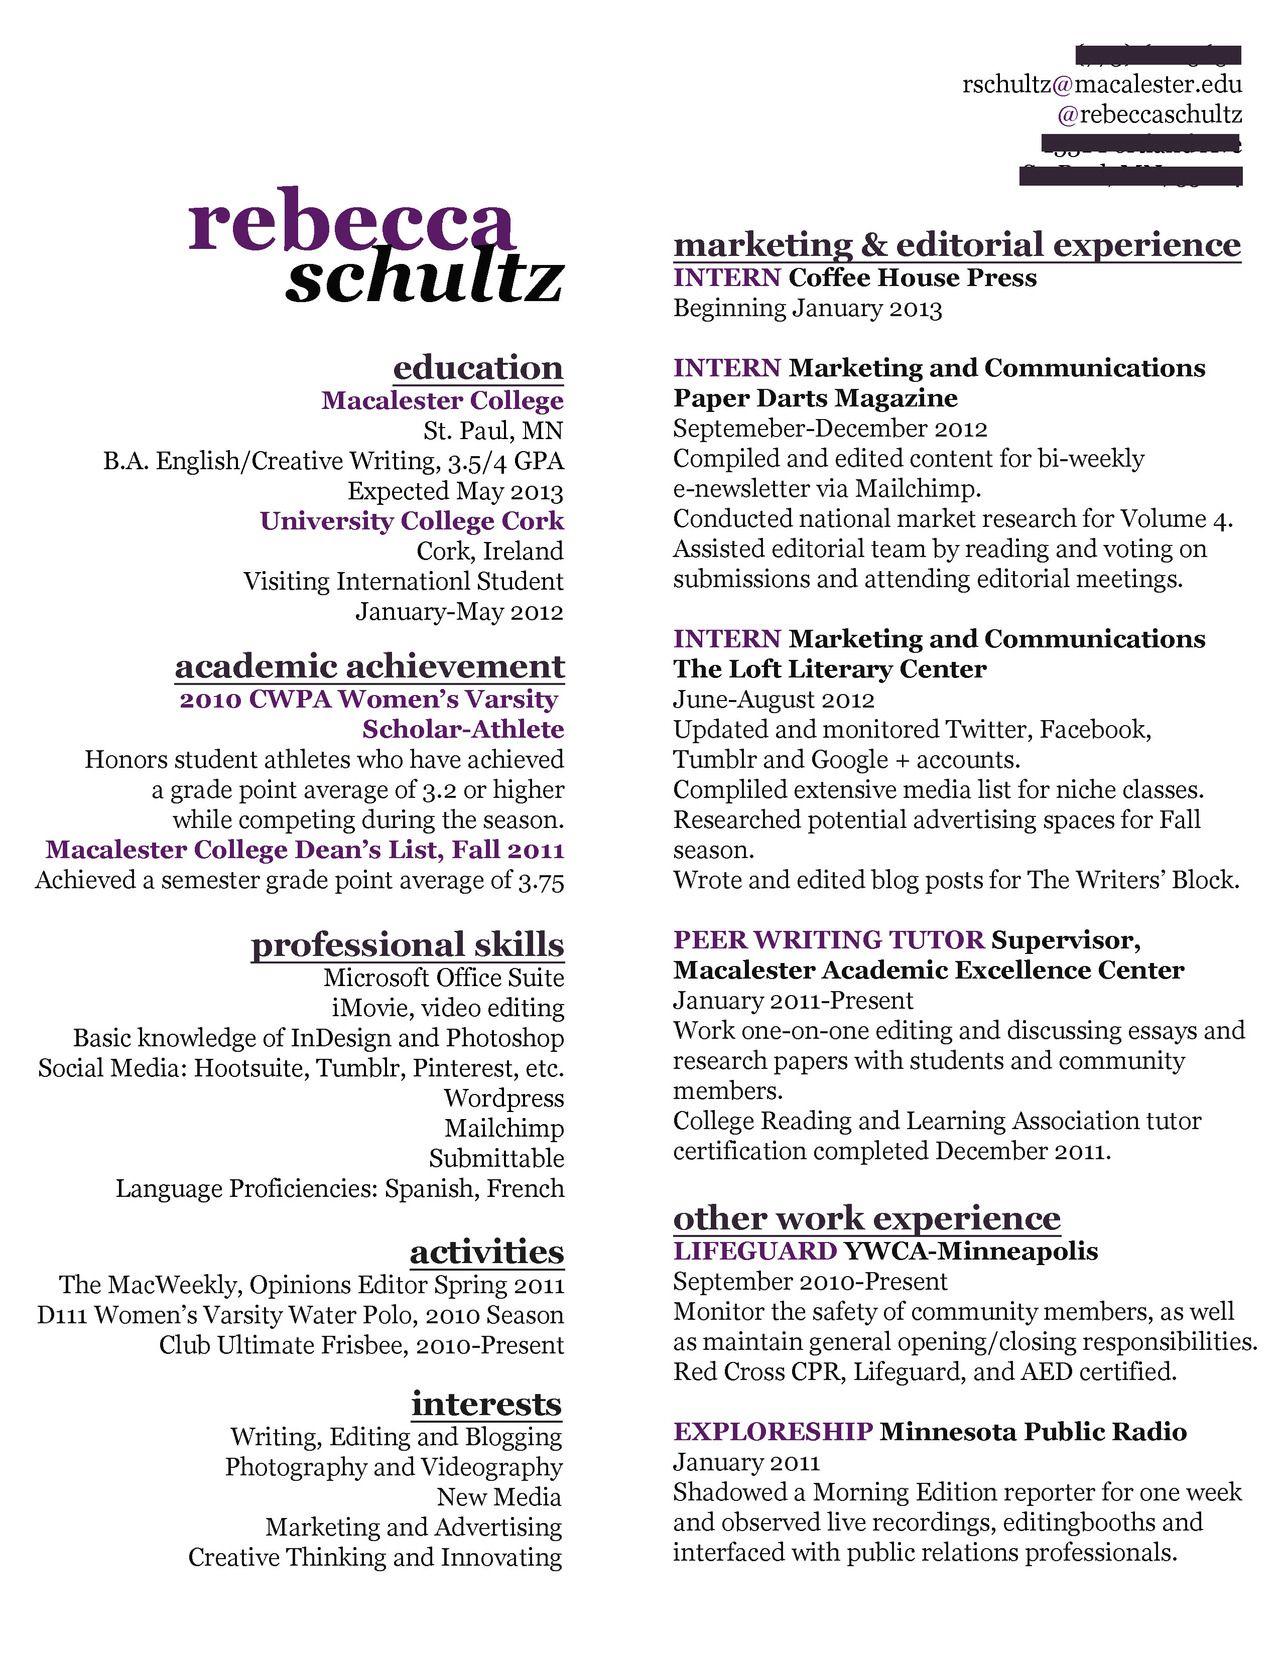 Creative resume, writer resume, entry level resume